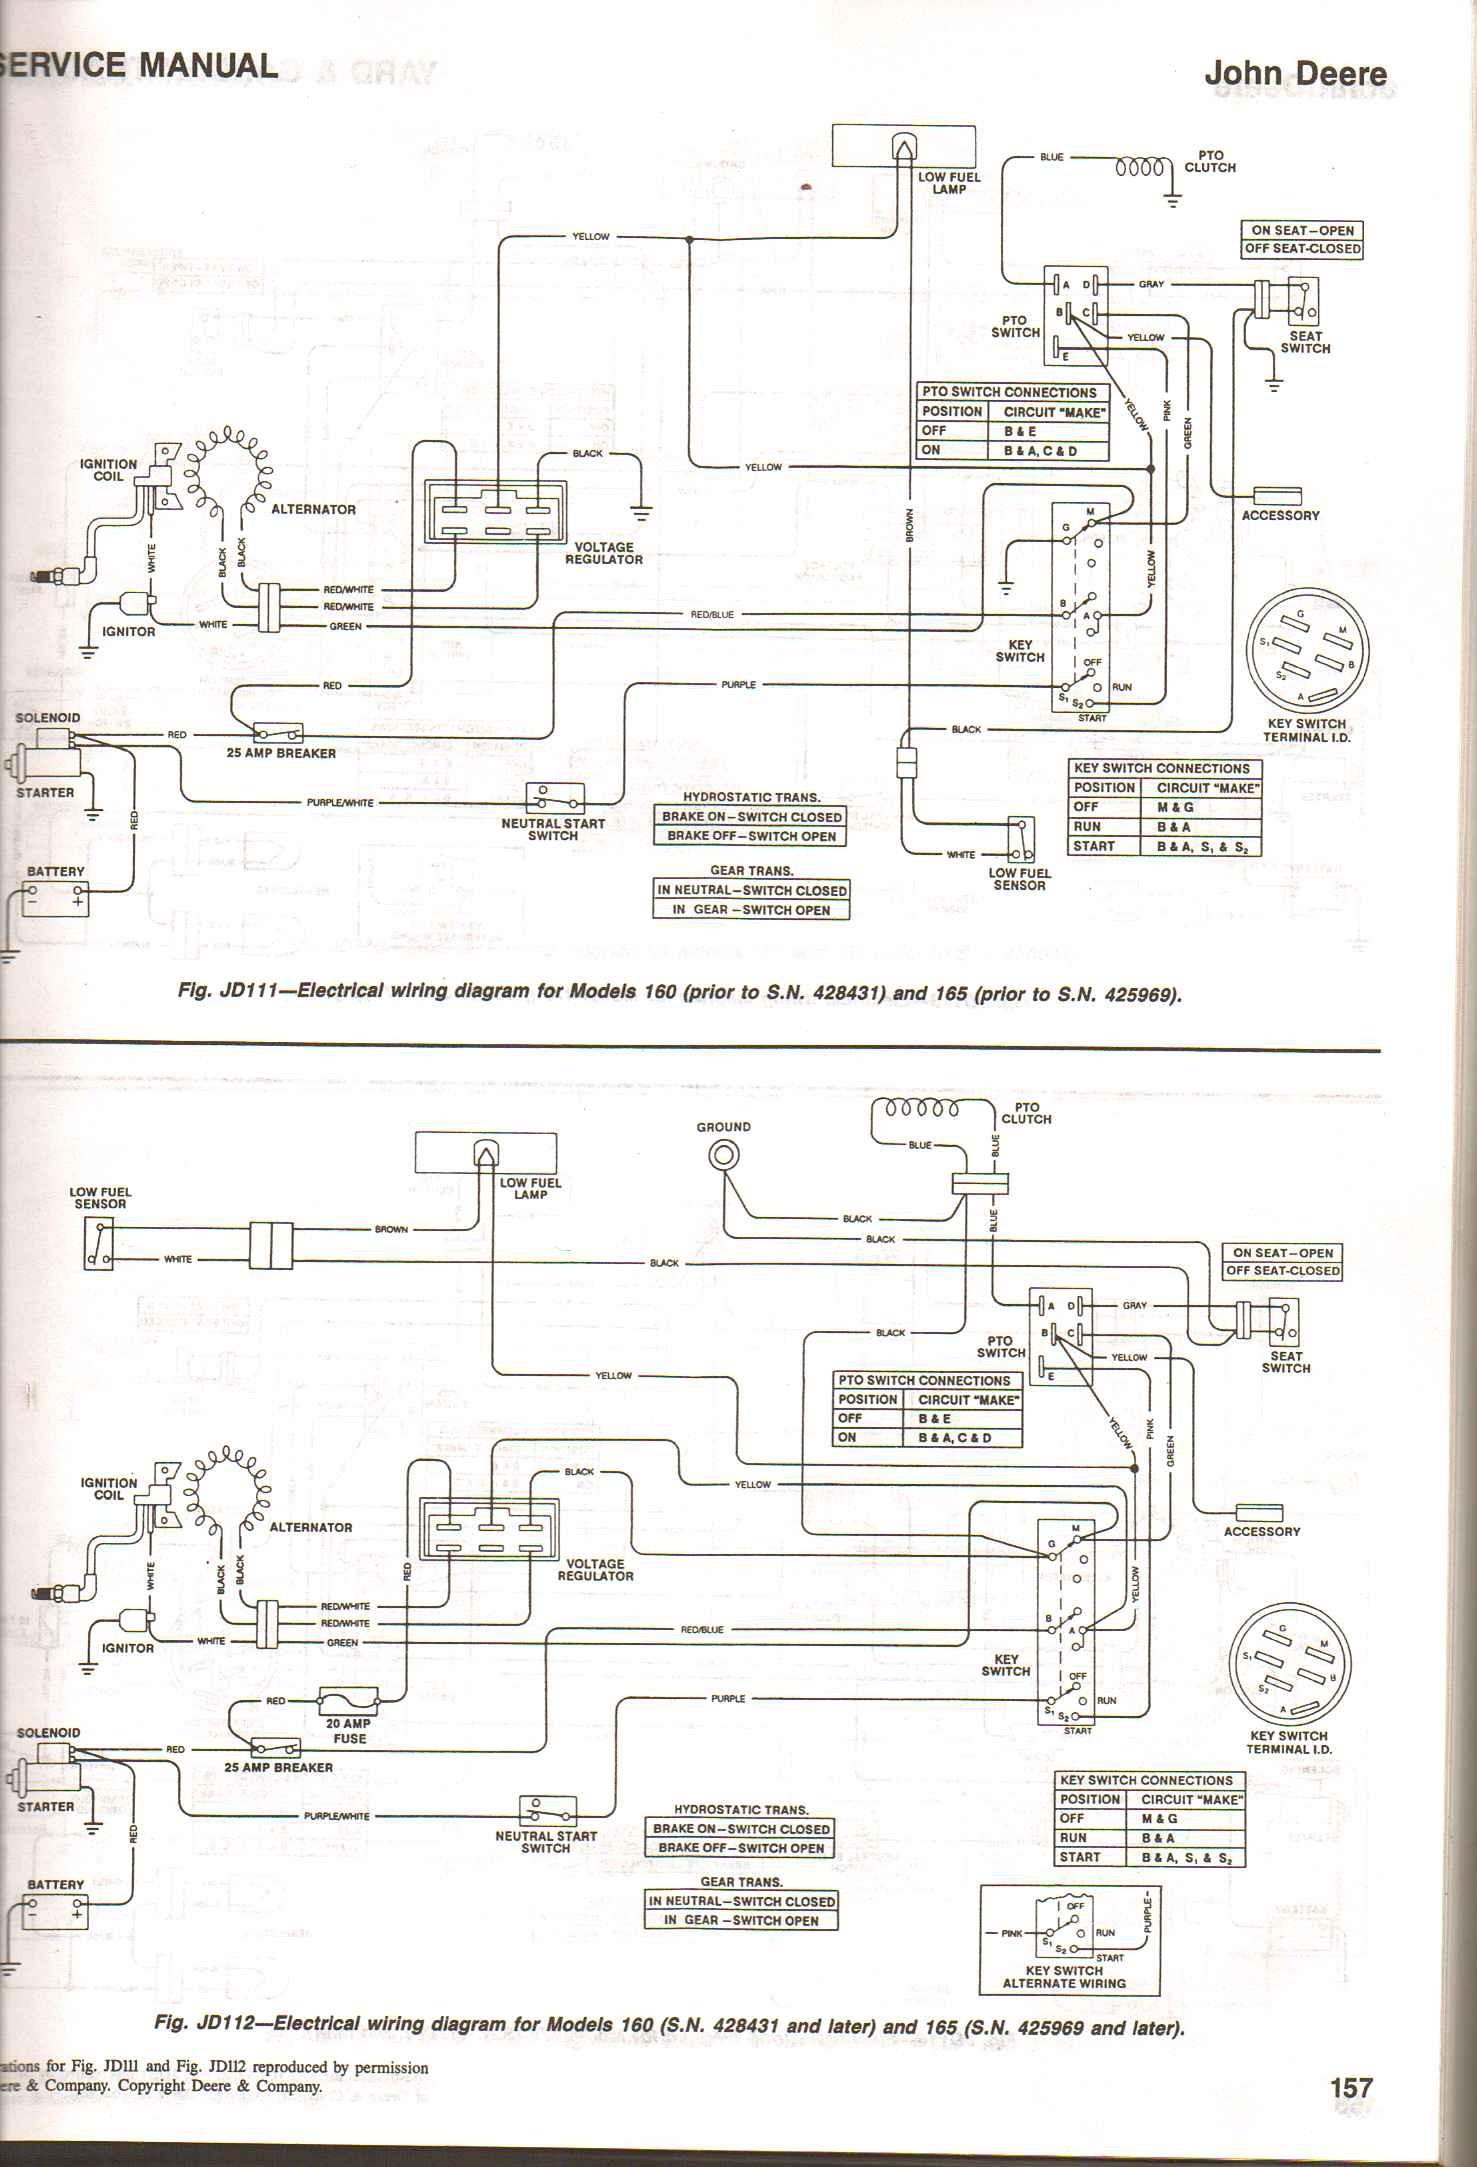 Schematics On A 345 John Deere Rk 2830] John Deere Tractor Wiring Schematics Schematic Wiring Of Schematics On A 345 John Deere